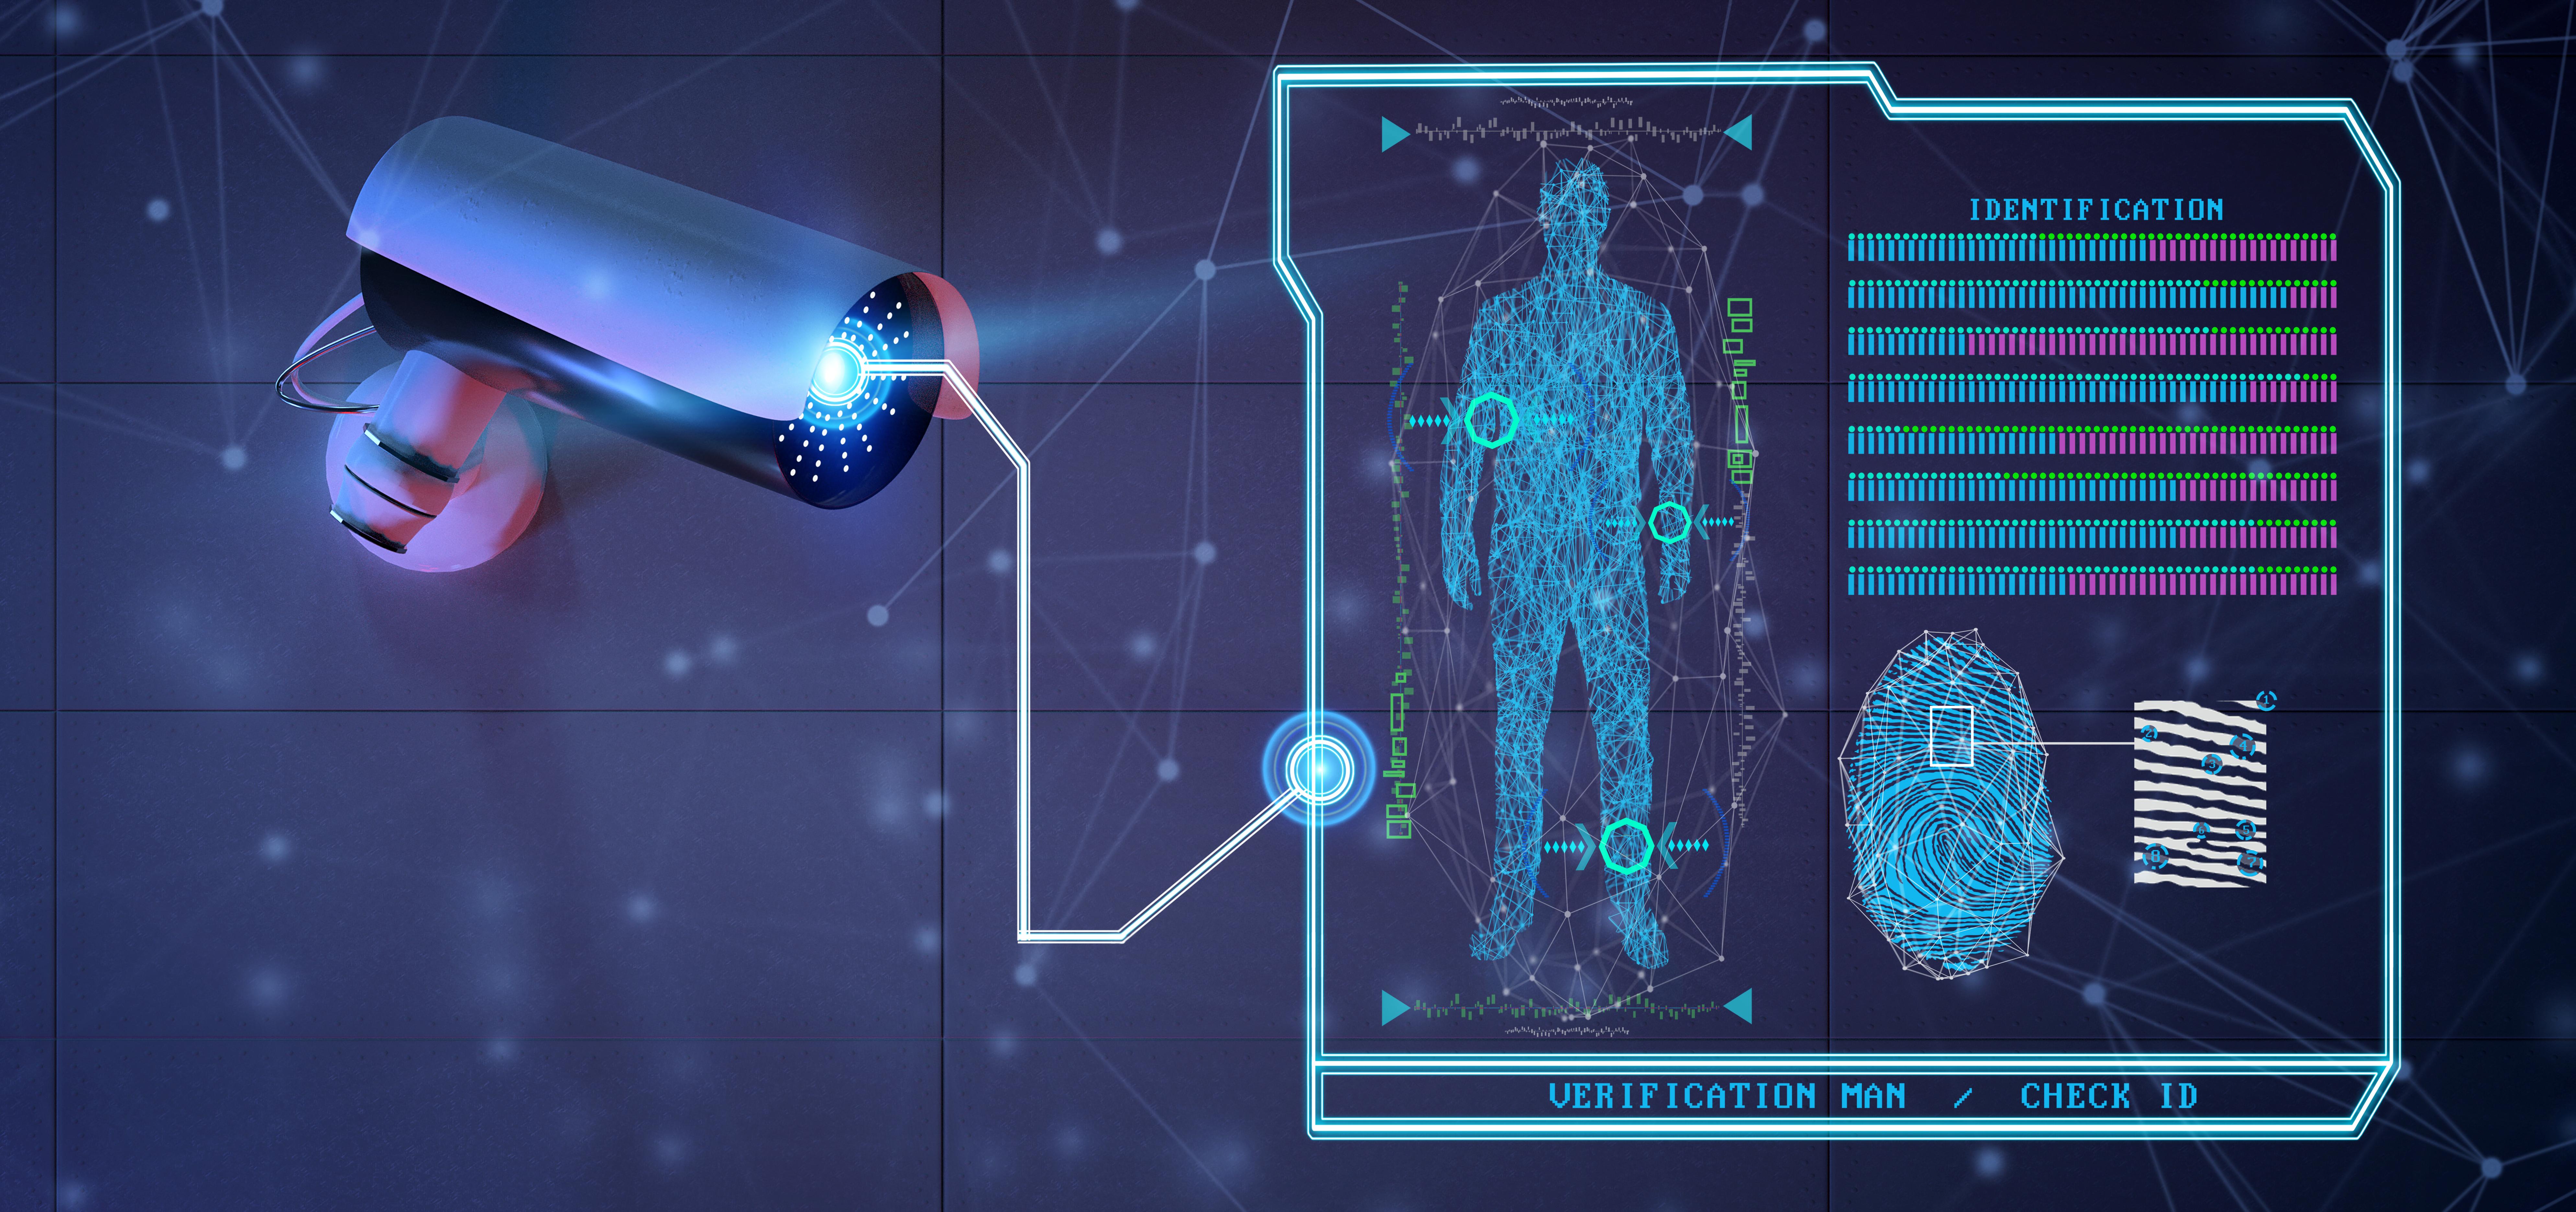 Telecamera con software di riconoscimento biometrico a bordo